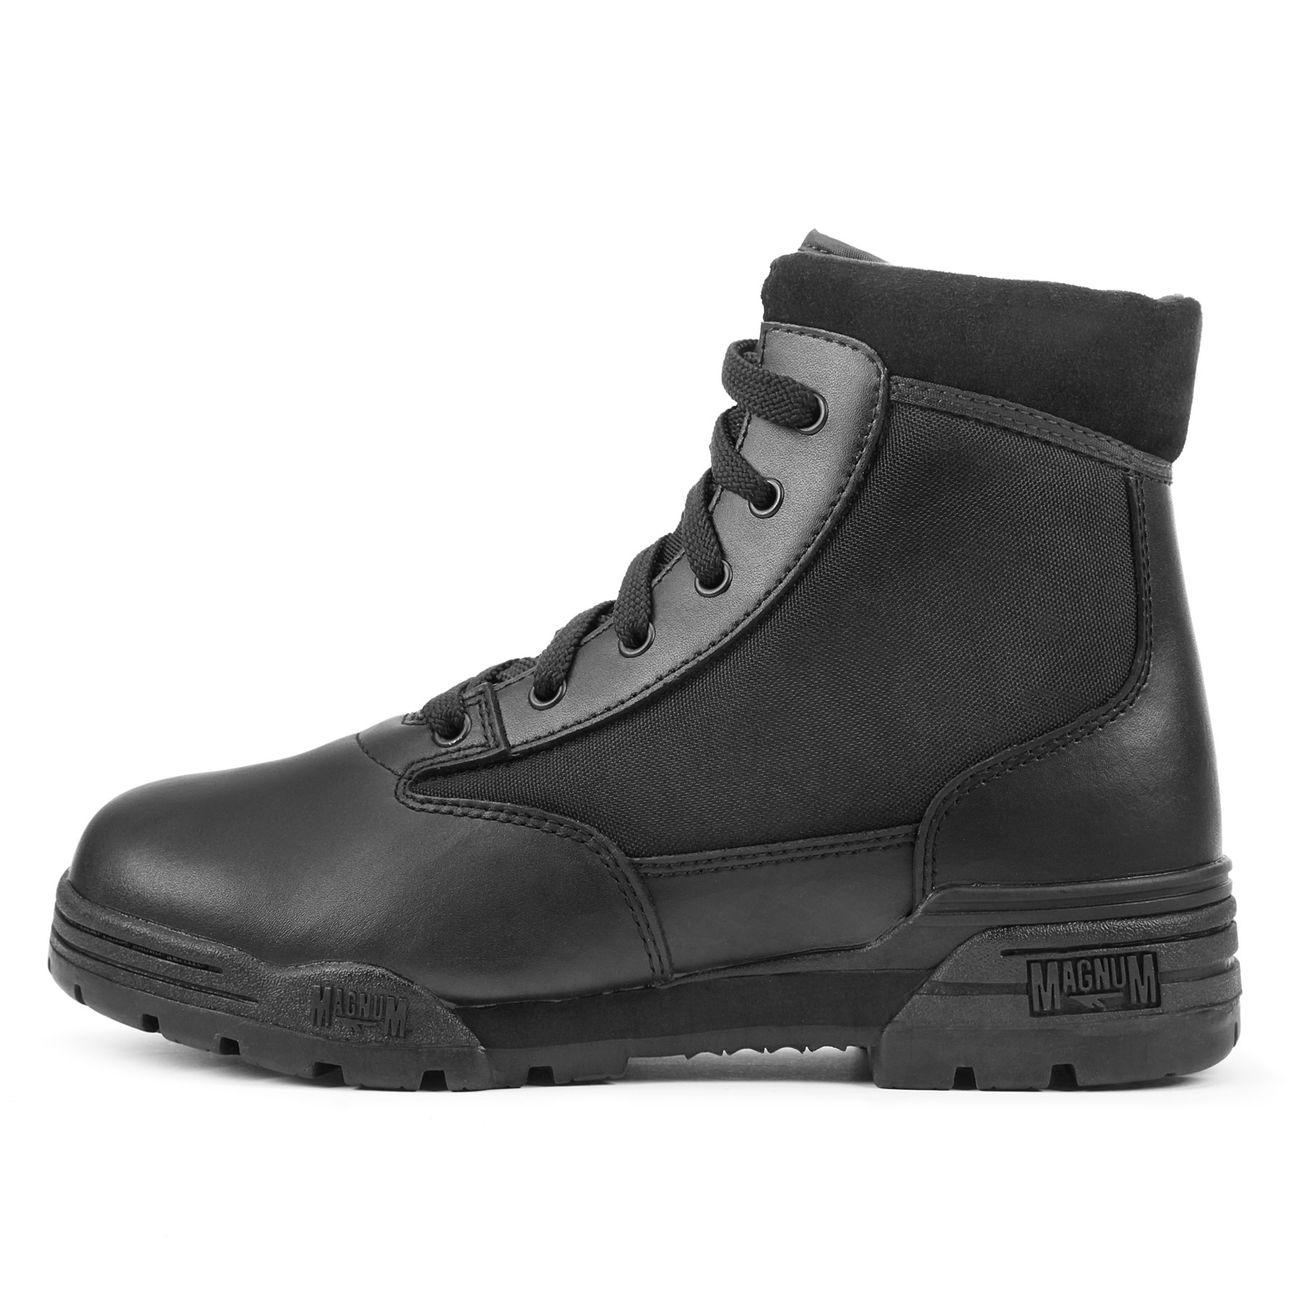 Große Auswahl an Schuhen und Stiefel bei Sparks Military